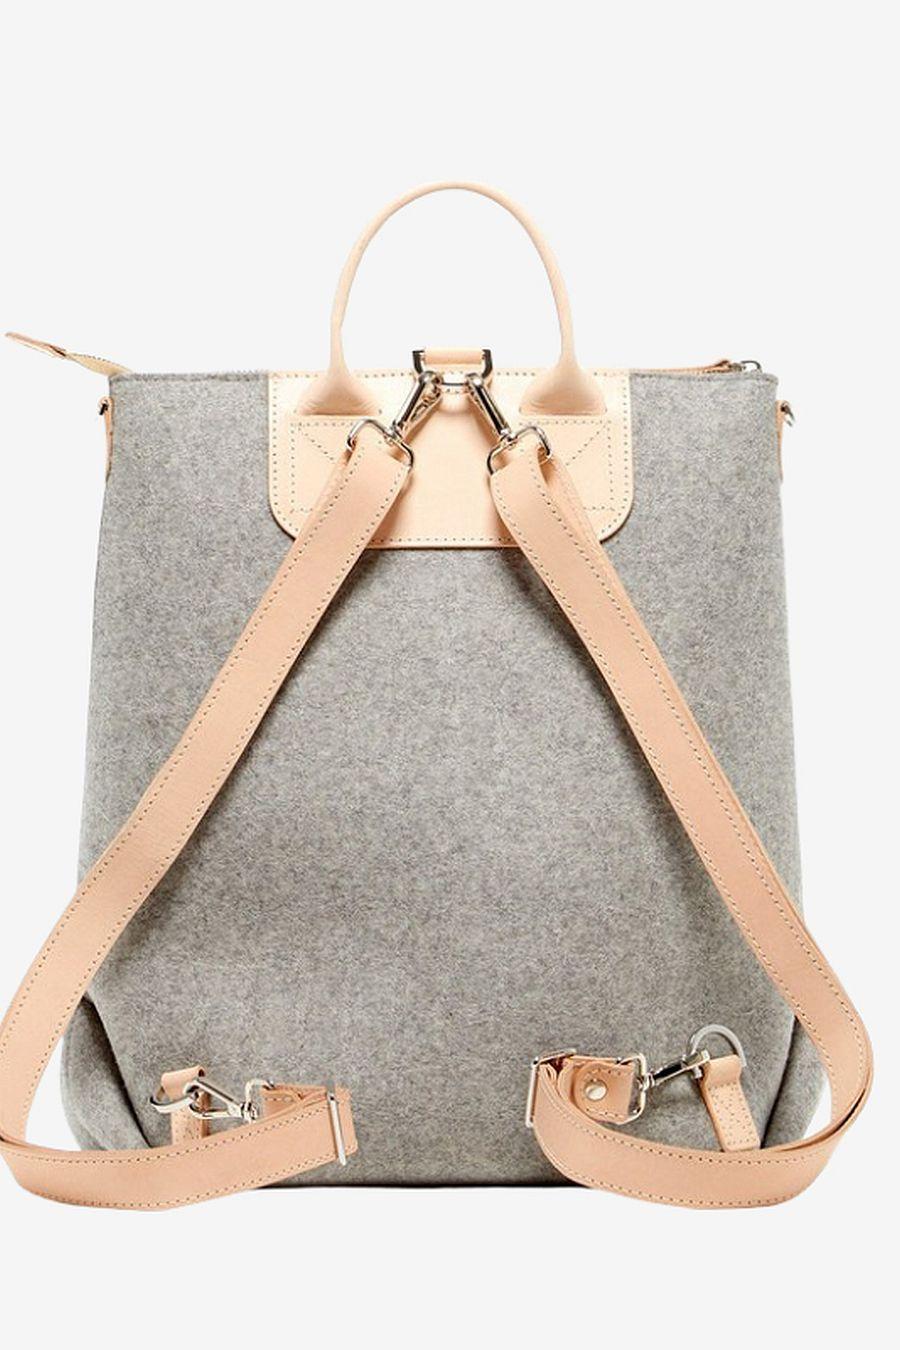 Graf Lantz Bedford Backpack - Granite / Natural Leather